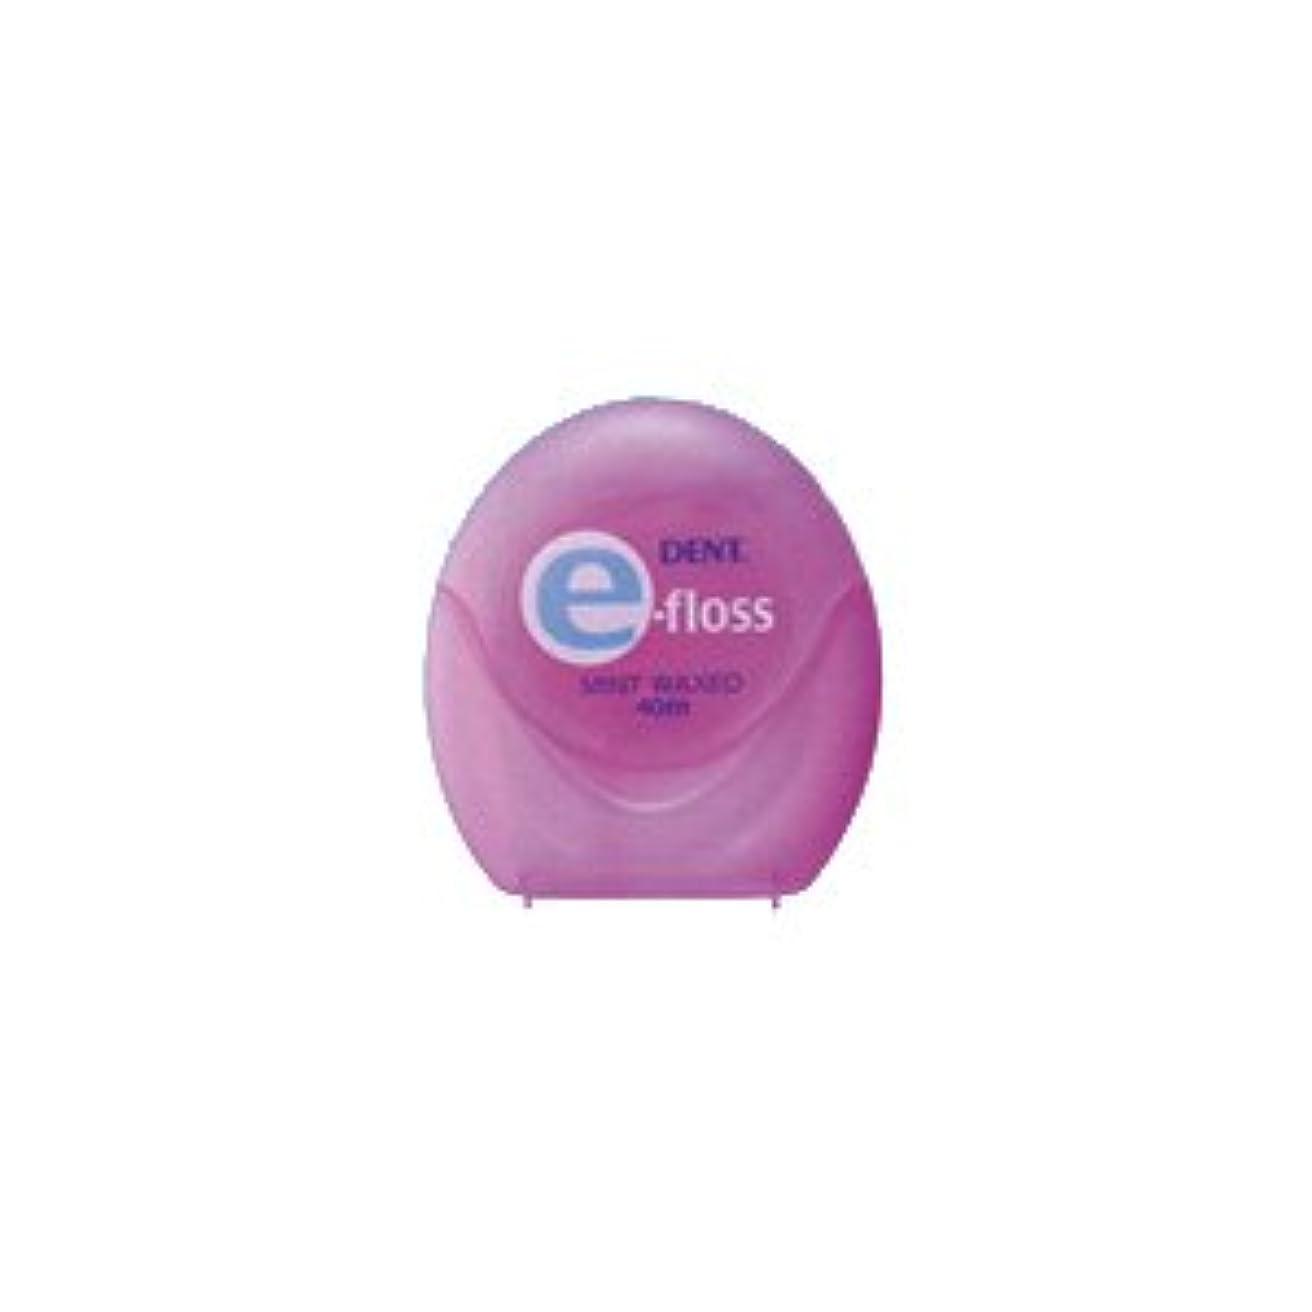 単位ガイド慣性ライオン DENT.e-floss デントイーフロス 1個 (ピンク)